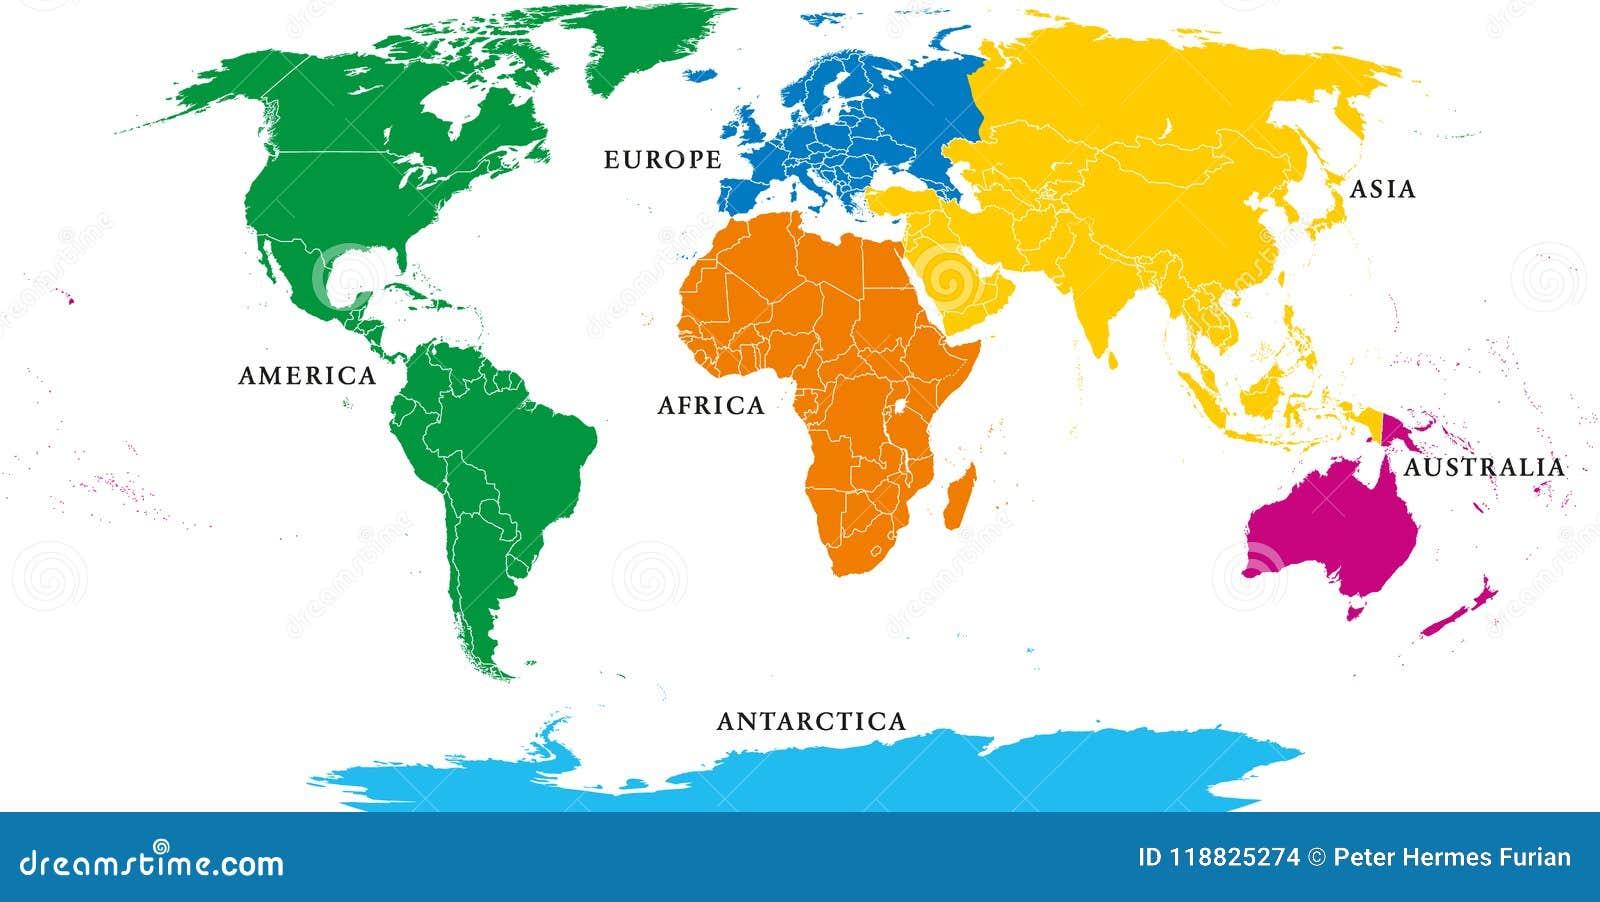 Szesc Kontynentow Polityczna Swiatowa Mapa Z Granicami